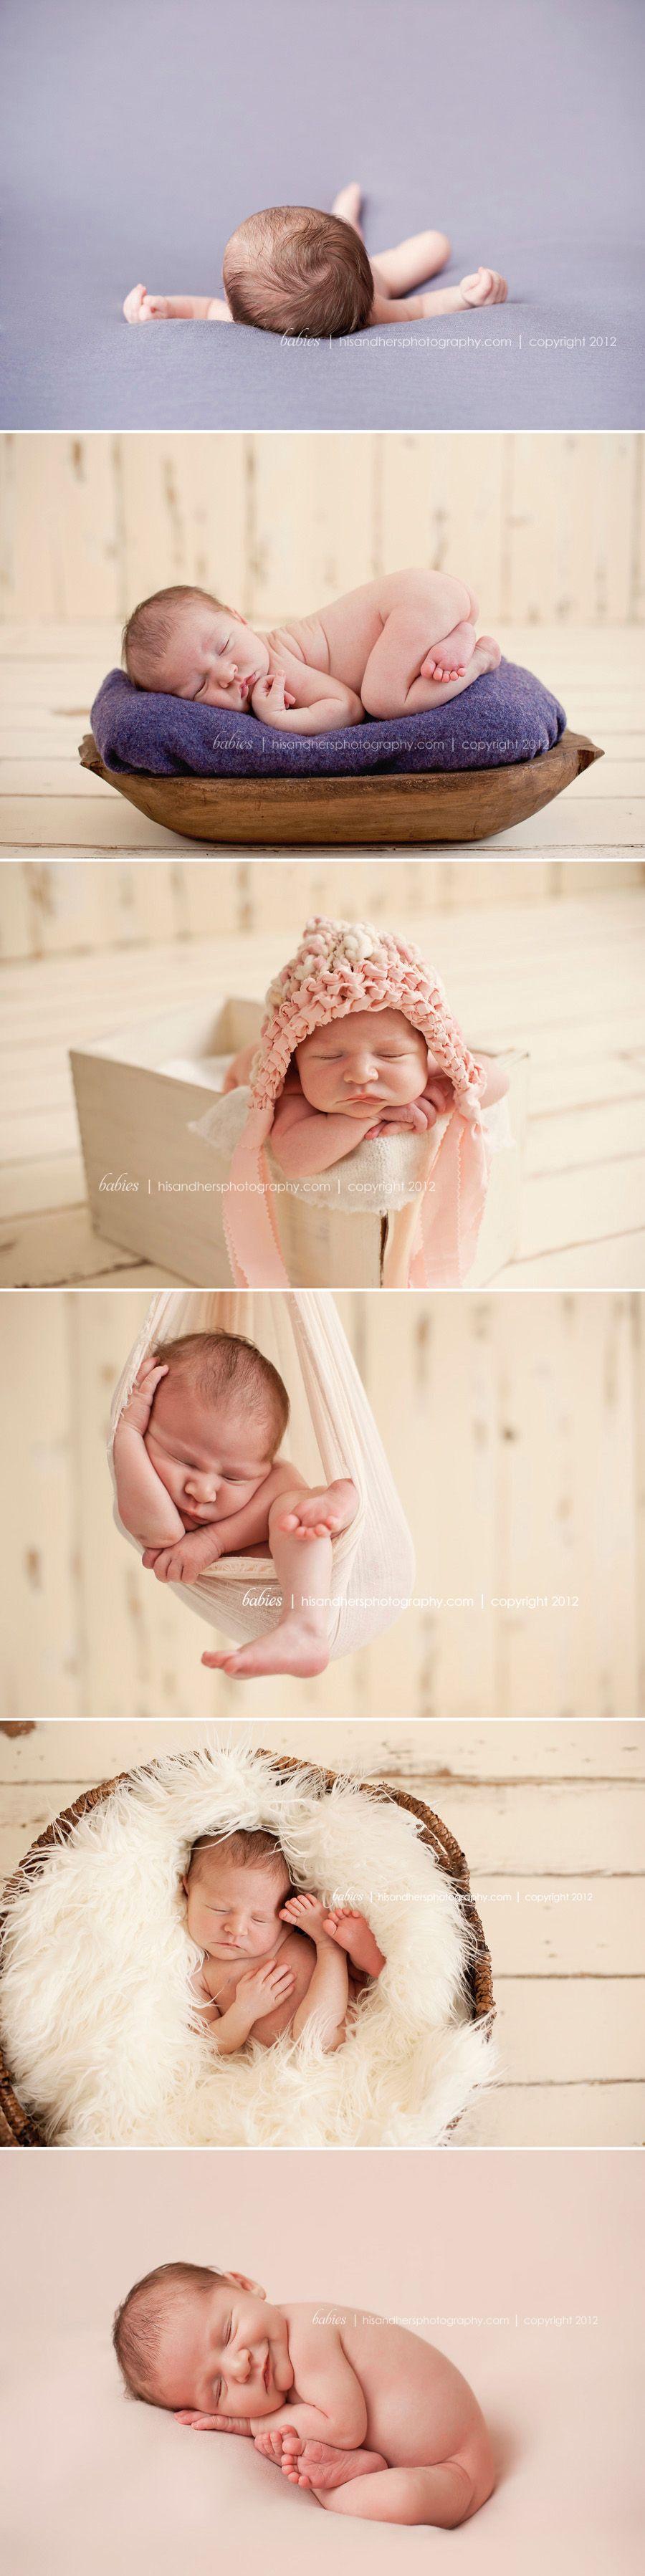 des moines iowa newborn photographer, iowa baby pictures photographer, iowa newborn baby photographer